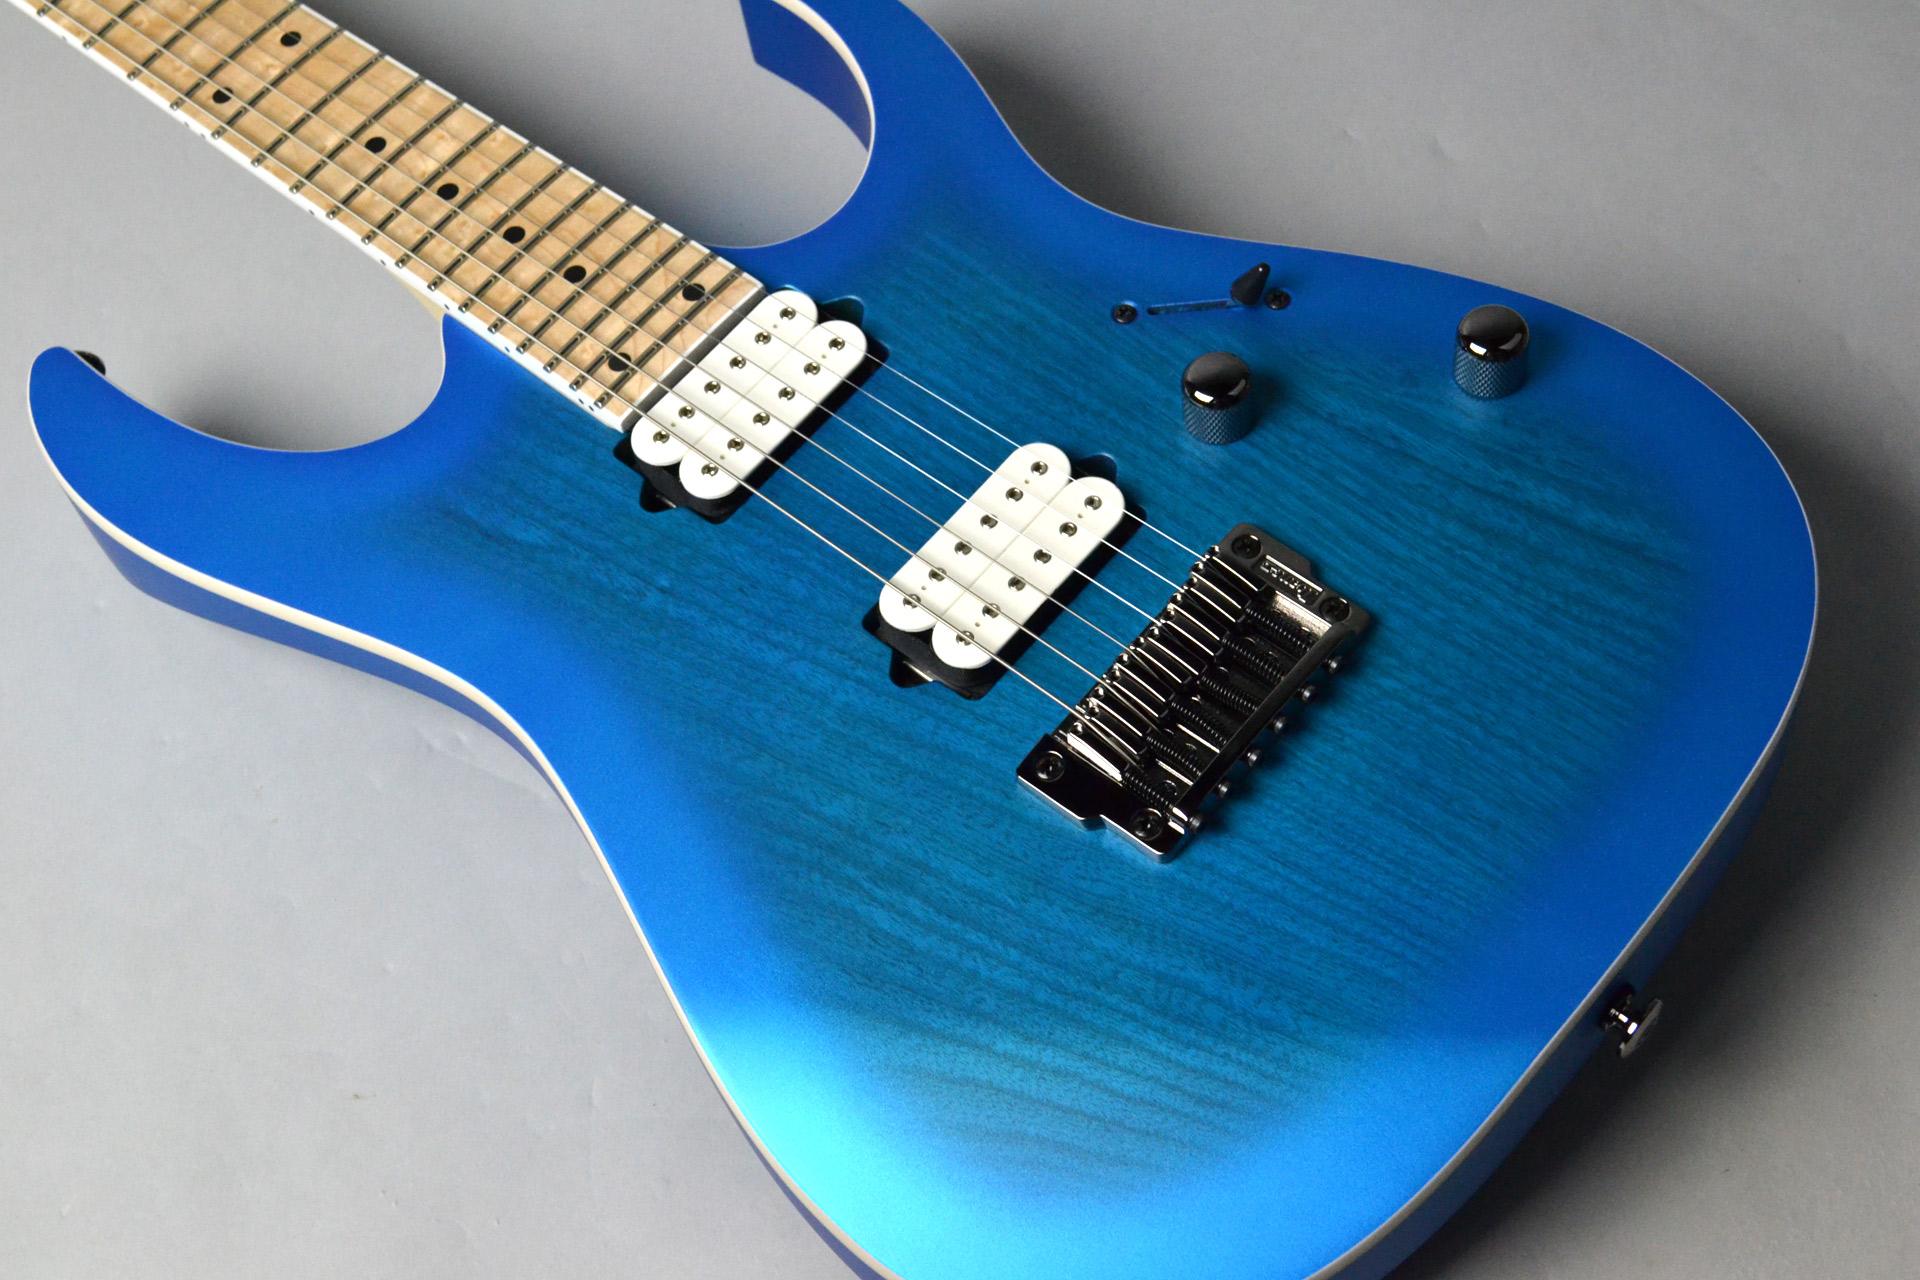 RG652AHMFS-AMF Aqua Blue Metallic Burst Flatのケース・その他画像